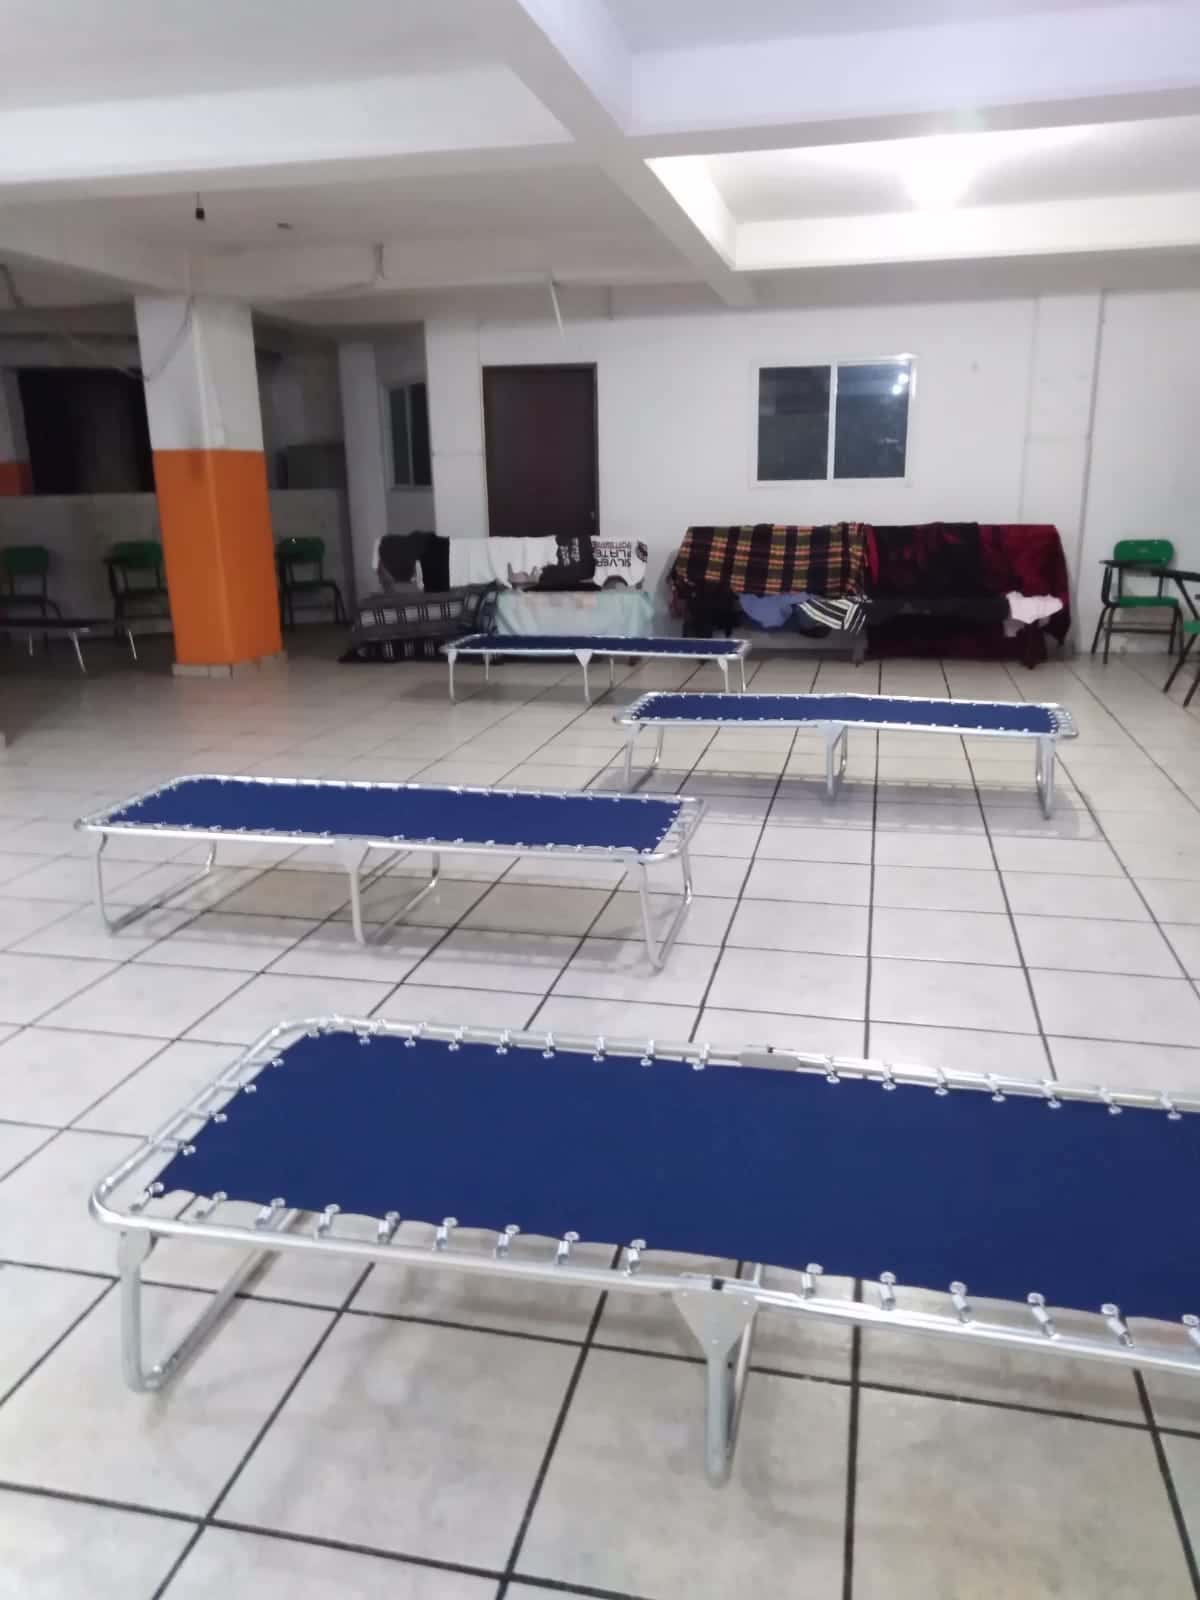 La comunidad de la Parroquia del Sagrado Corazón, en la Diócesis de Ecatepec, adaptó el salón parroquial como albergue para los afectados por el derrumbe. Foto: Alfredo Márquez